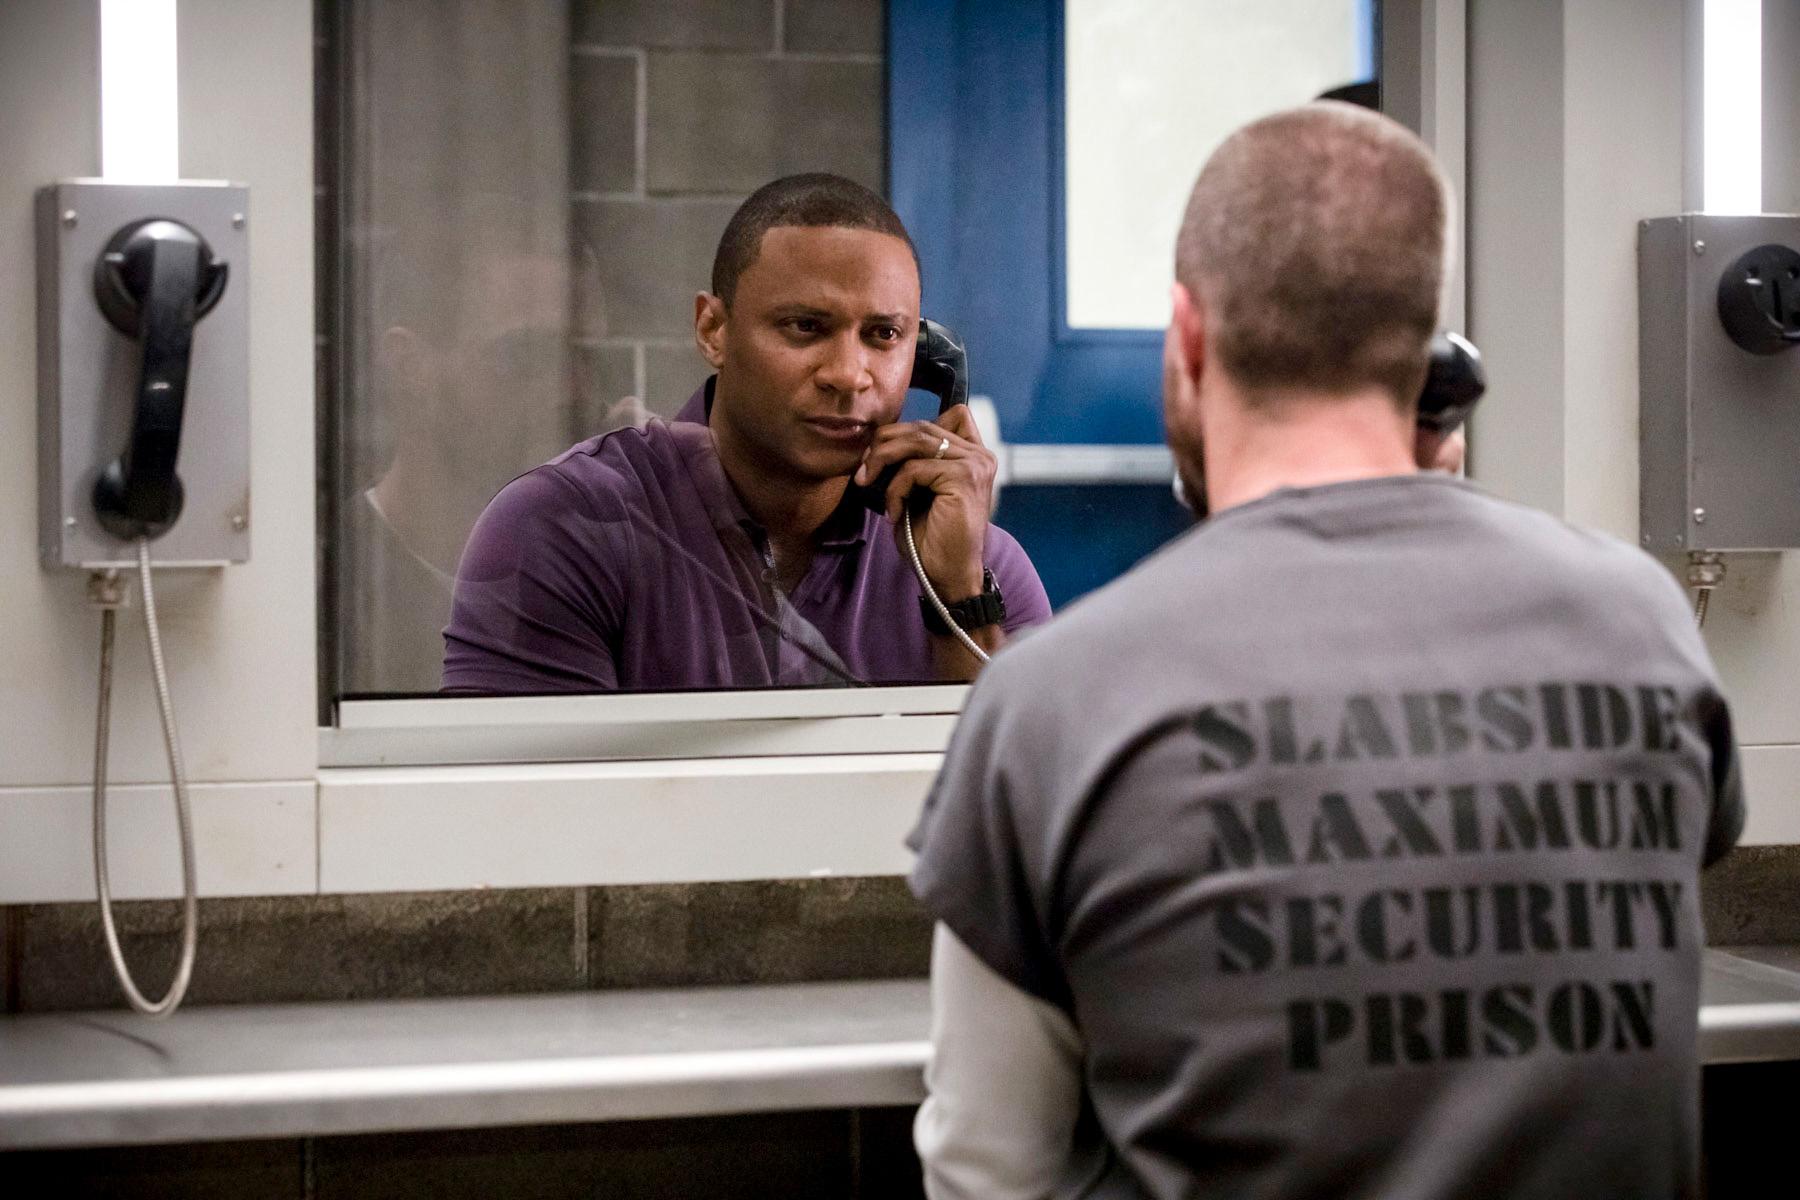 Inmate #4587